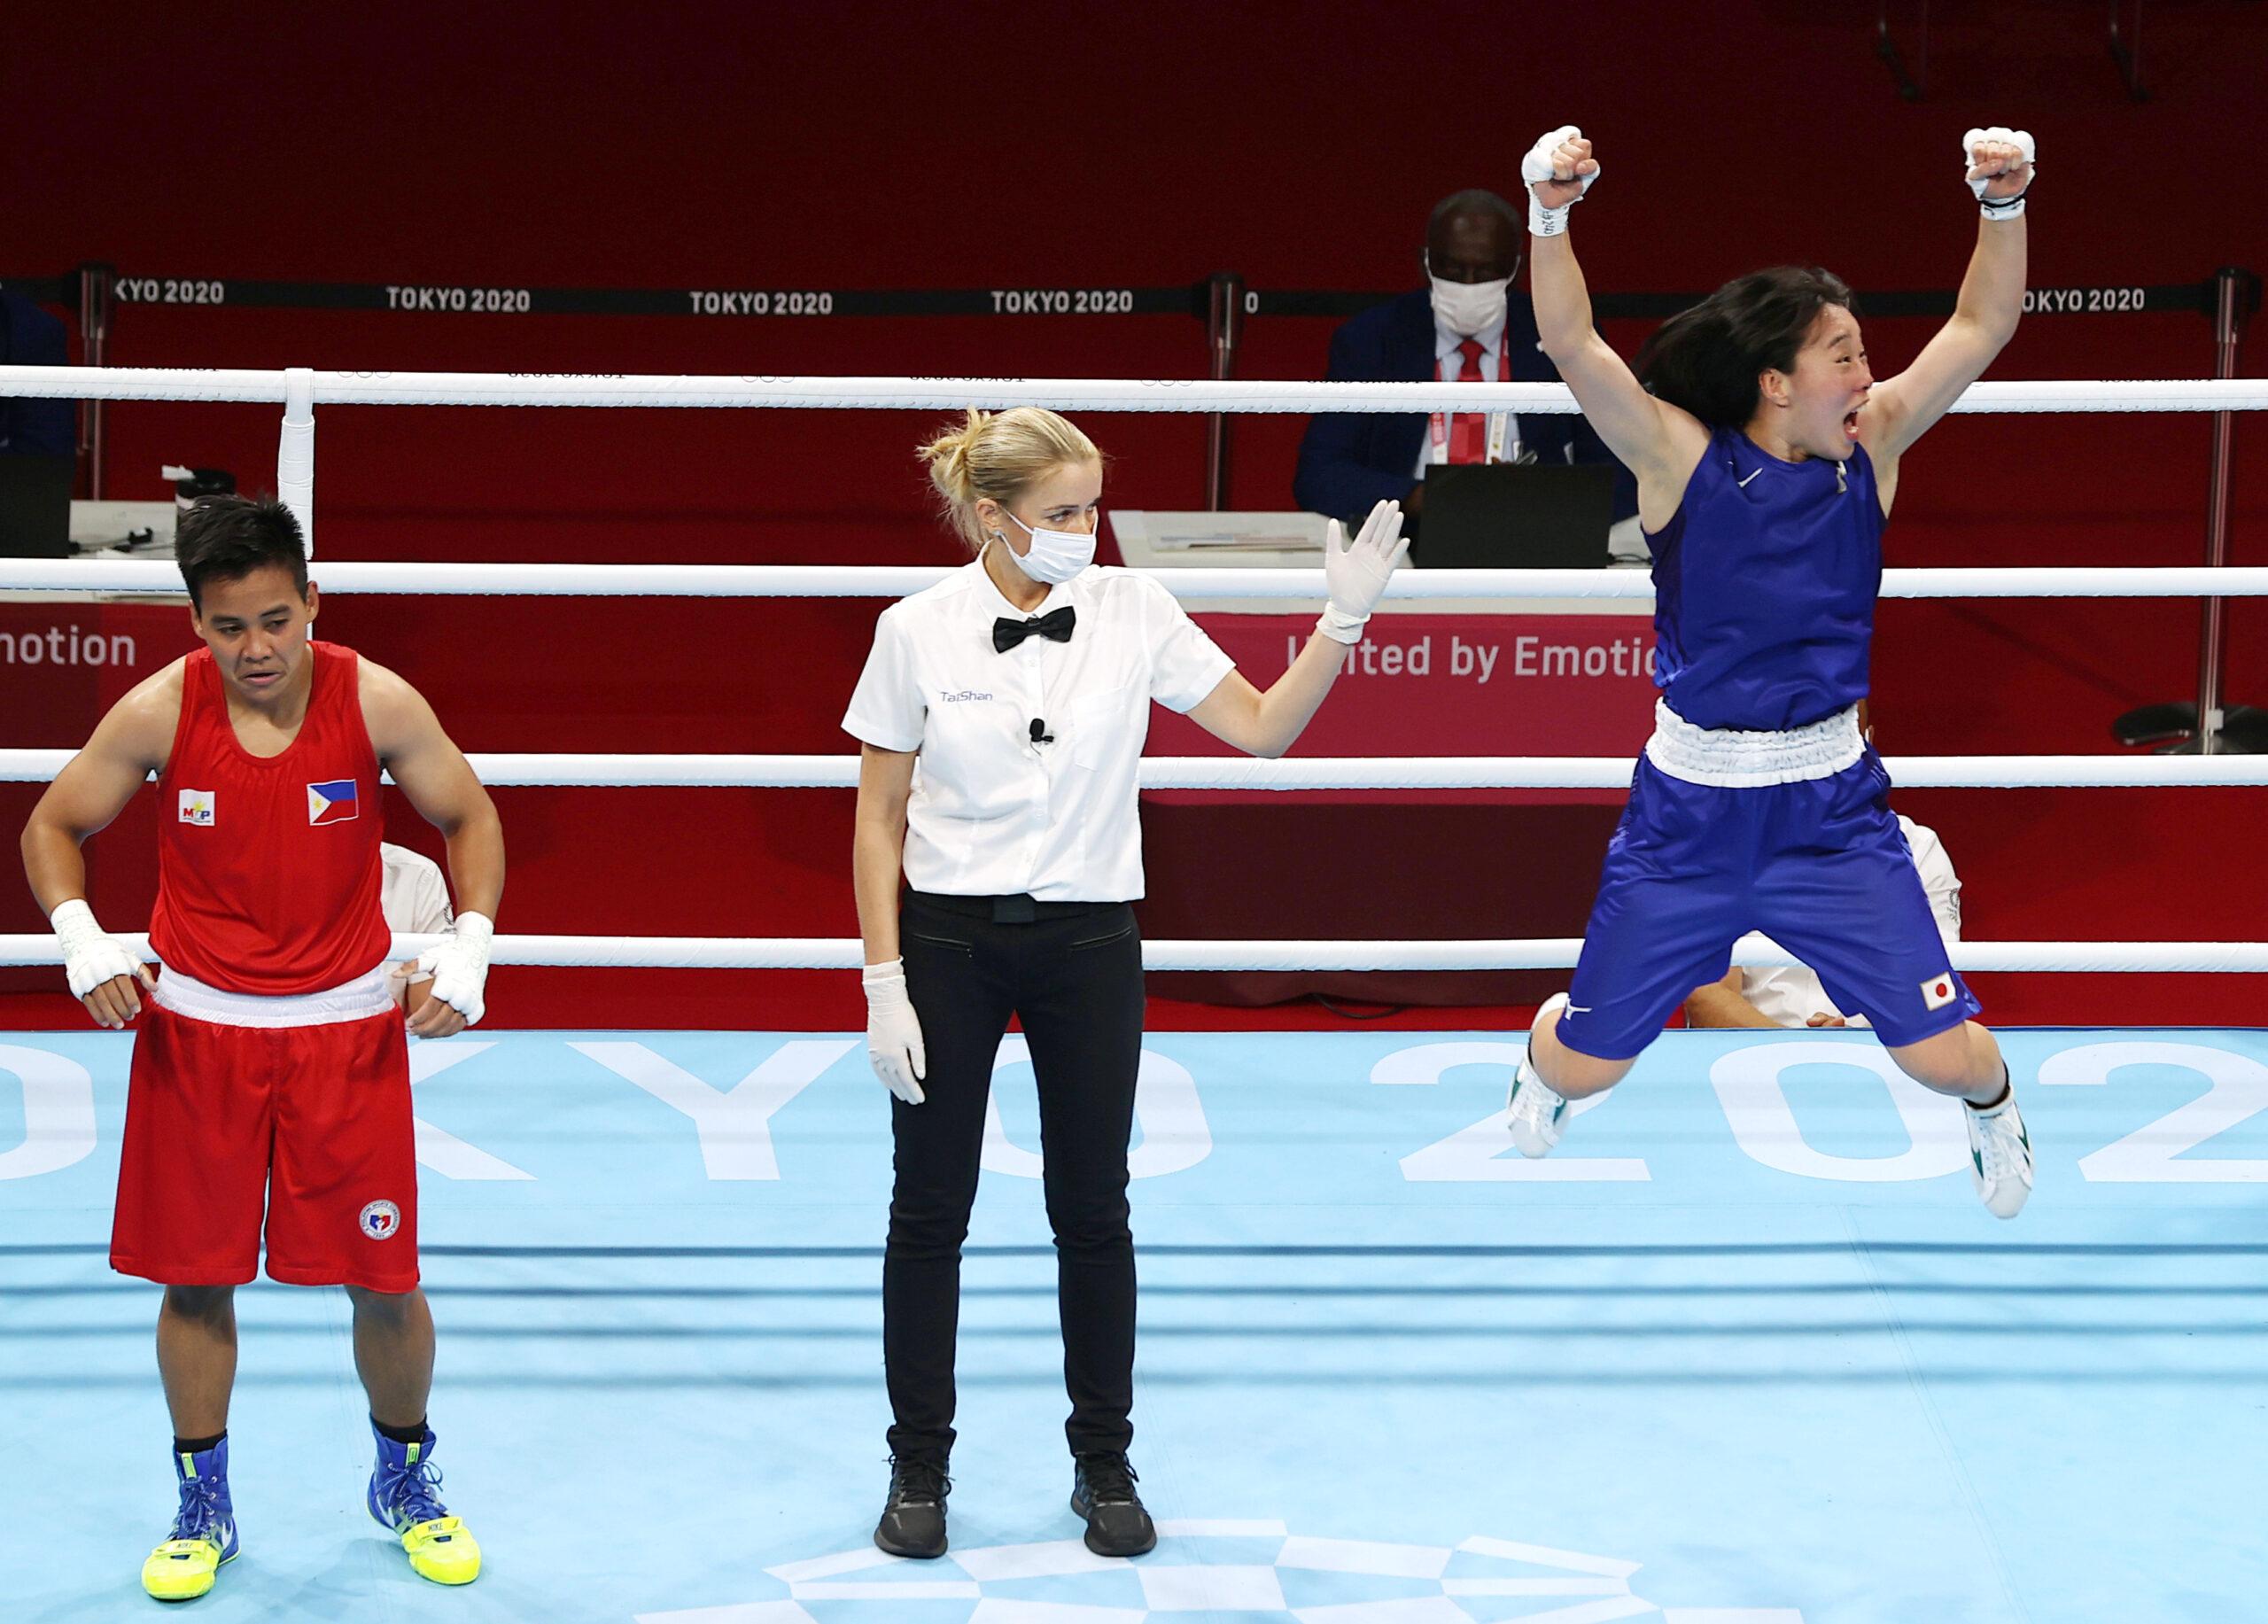 【東京五輪/ボクシング】女子フェザー級の入江聖奈が金 大学で引退「ゲーム会社に就職したい」